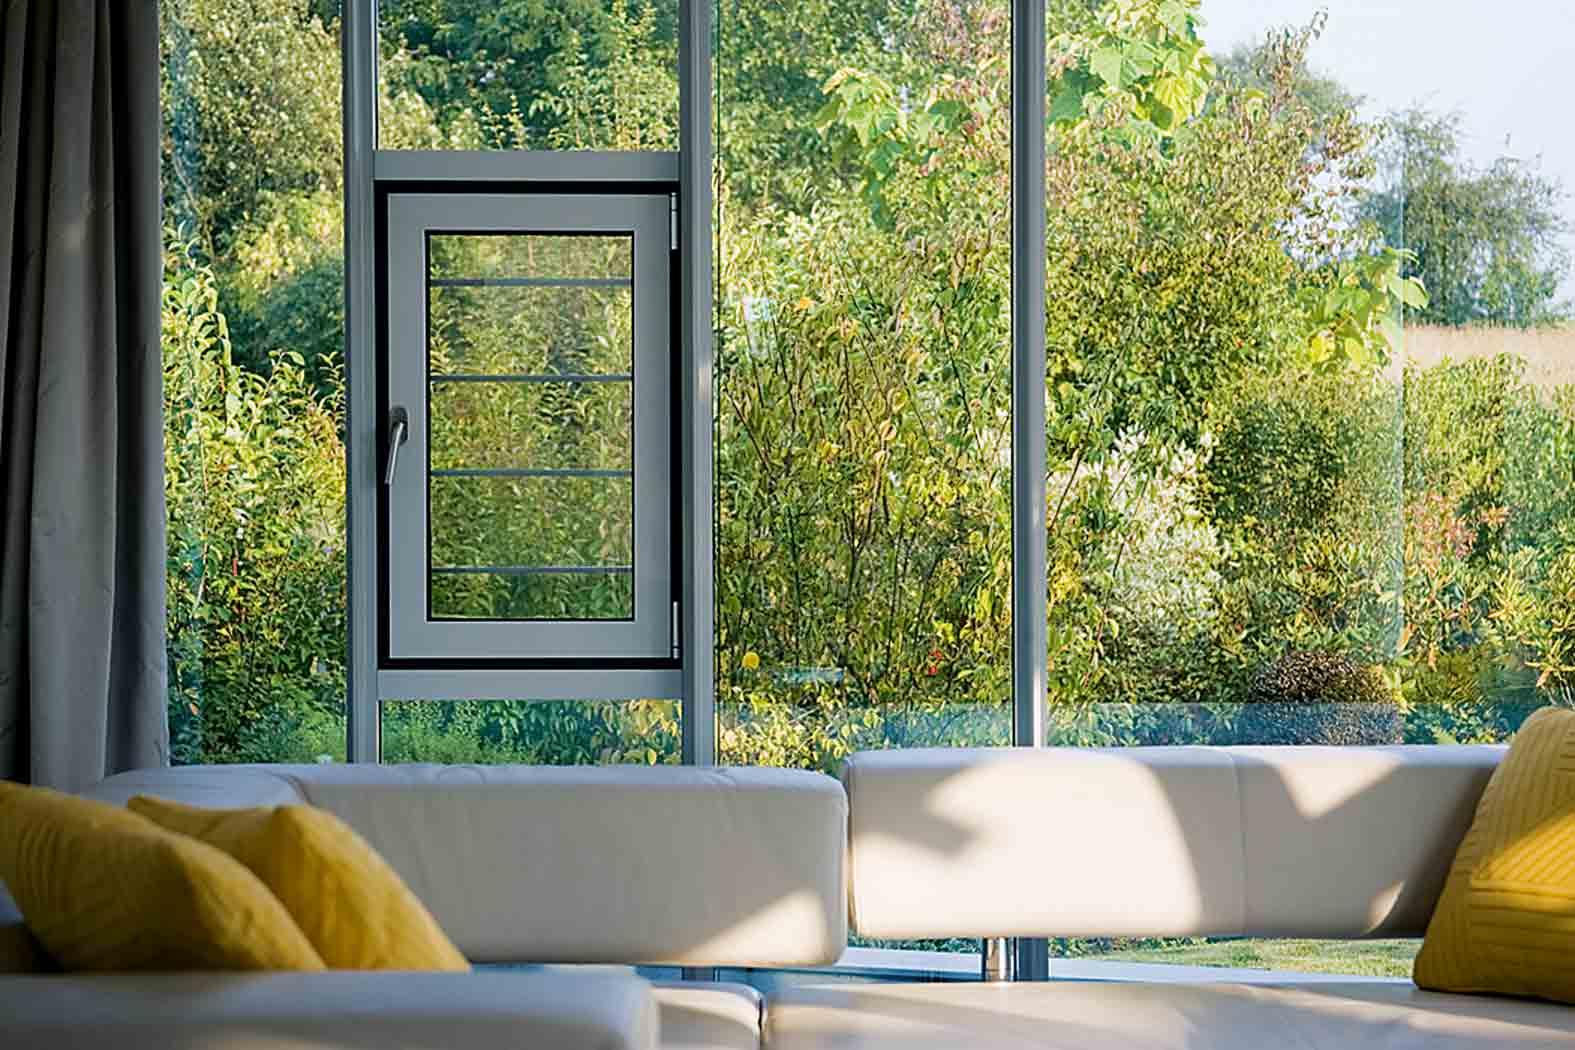 Feroneria ascunsă Schüco AvanTec SimplySmart pentru ferestre din aluminiu